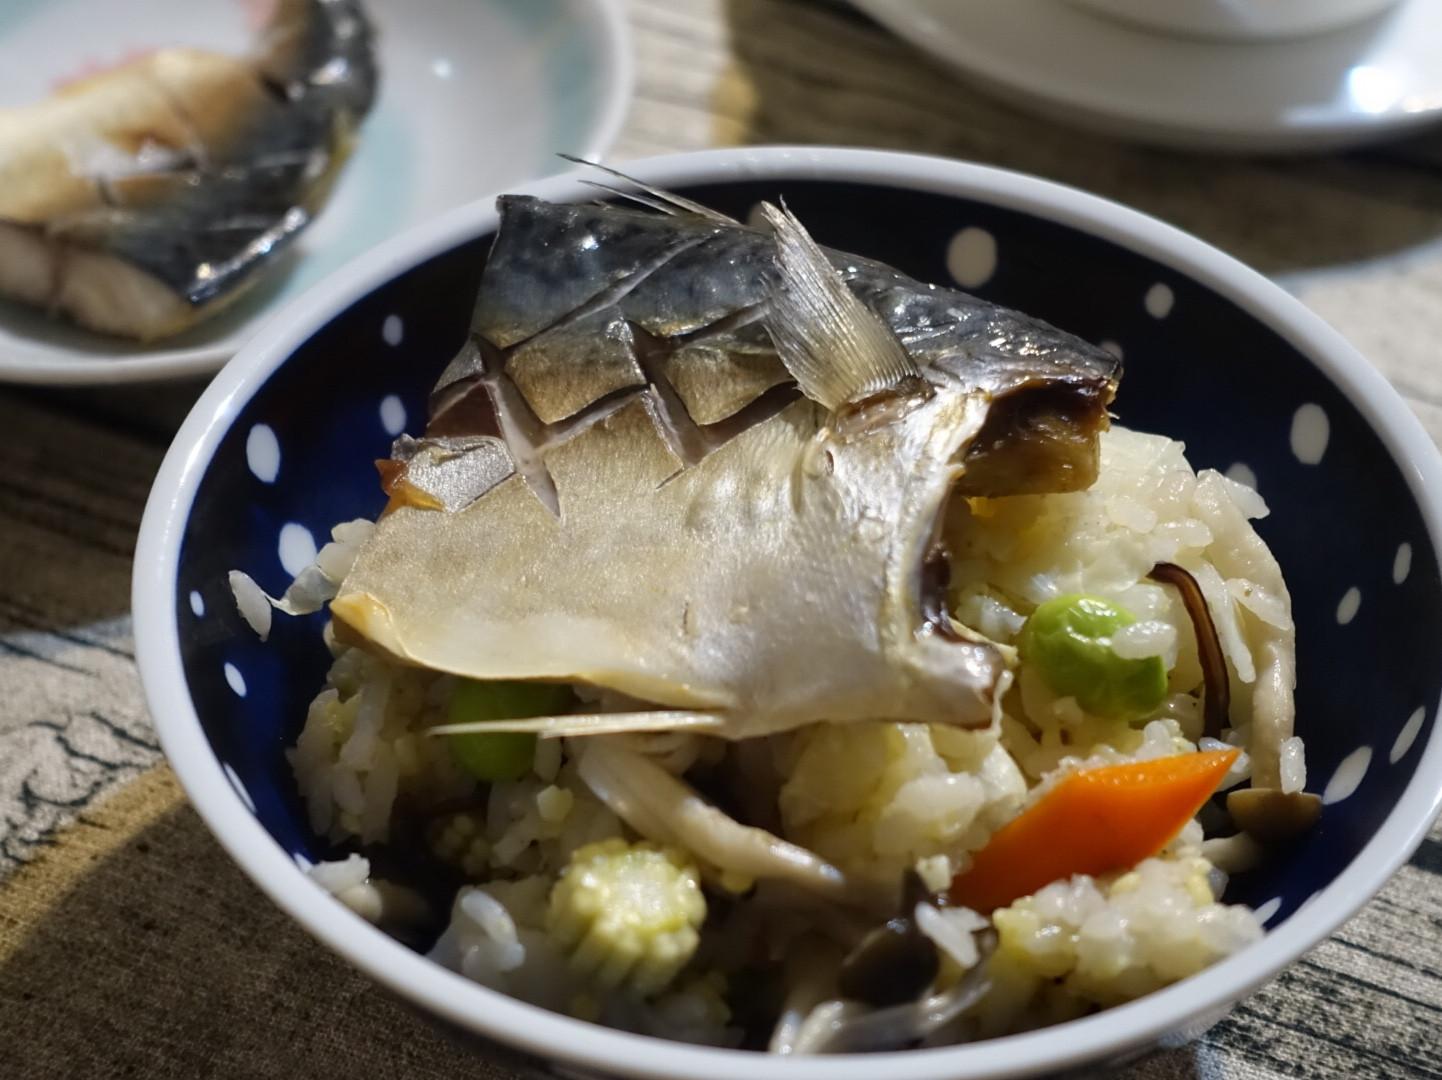 高麗菜鯖魚炊飯(蒸氣烘烤爐 大黑食譜)